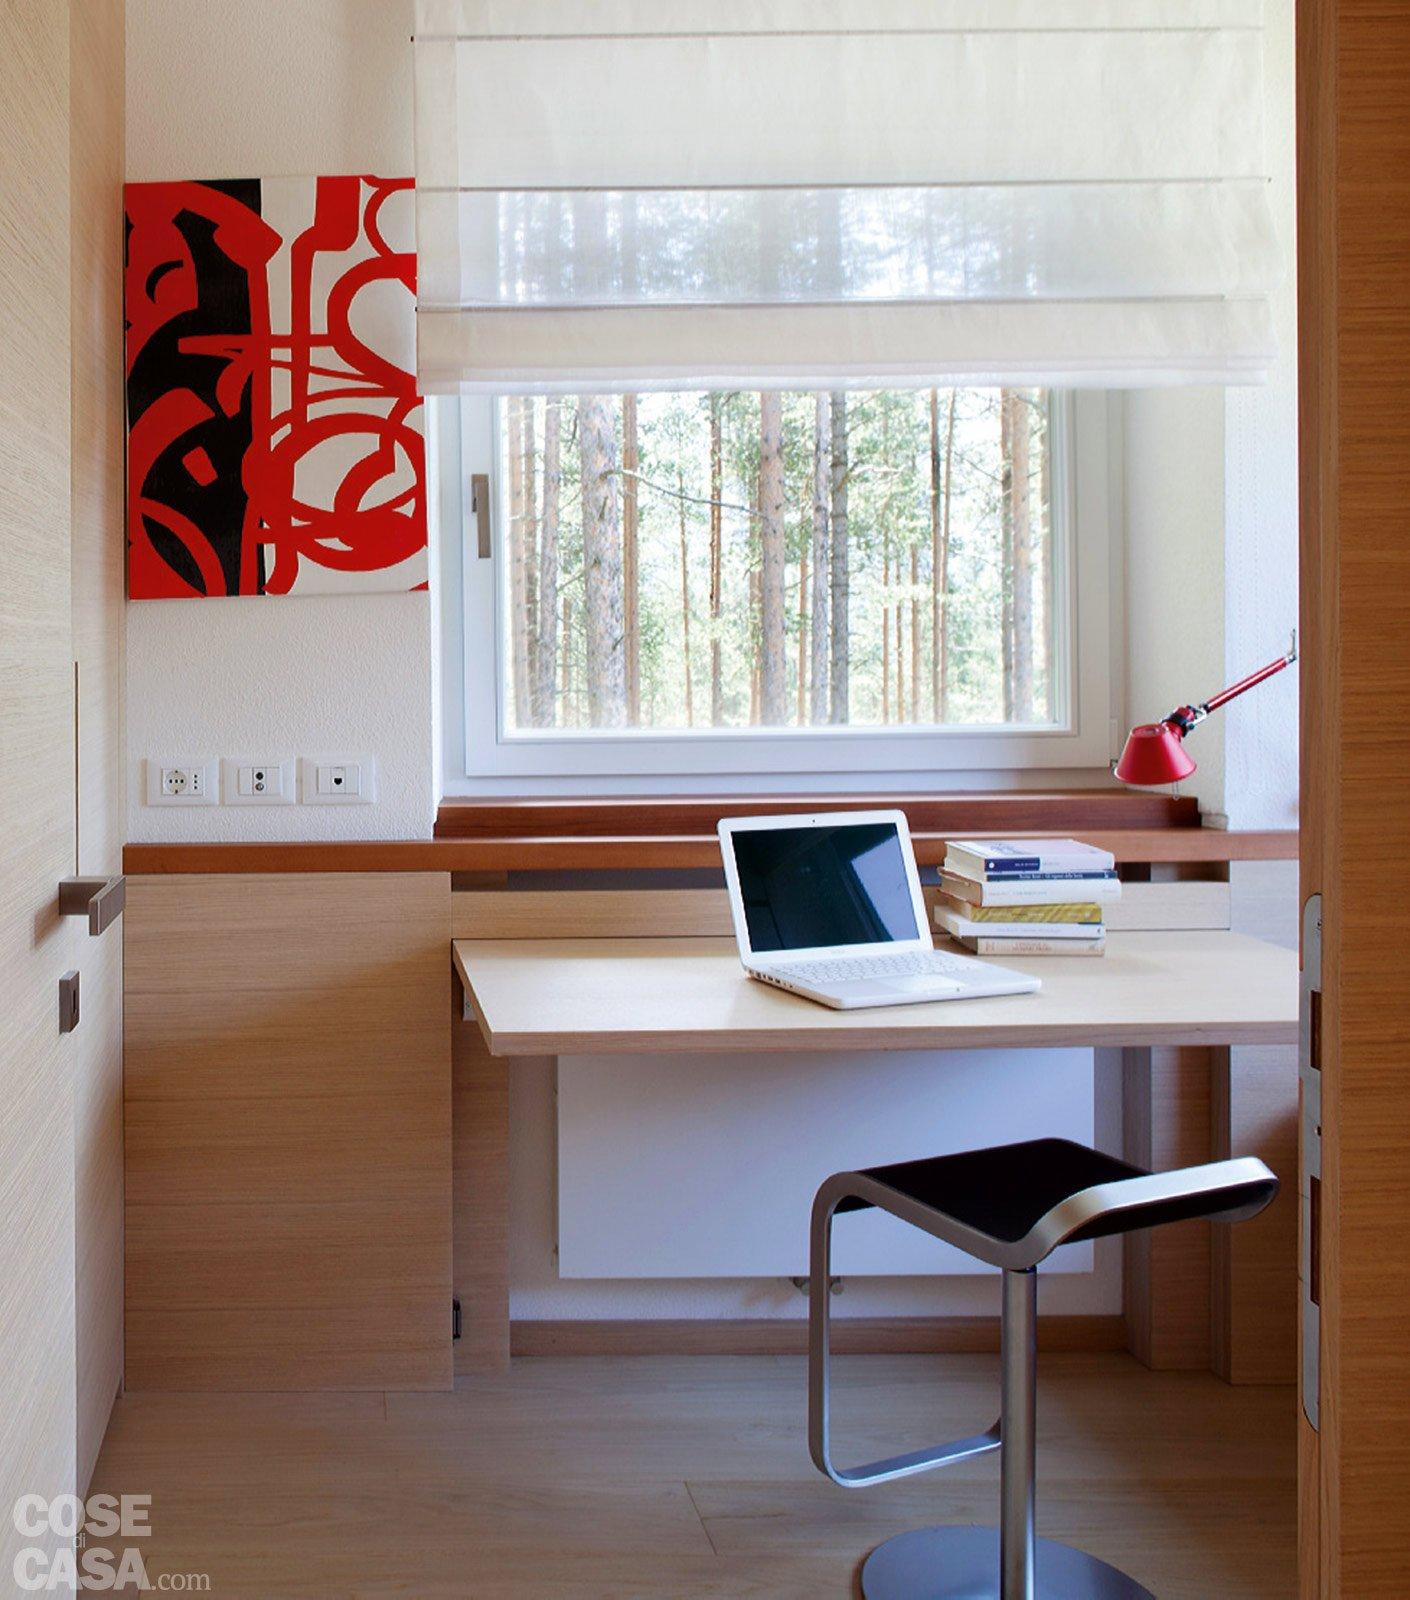 57 mq con ambienti mutevoli cose di casa - Letto sotto finestra ...